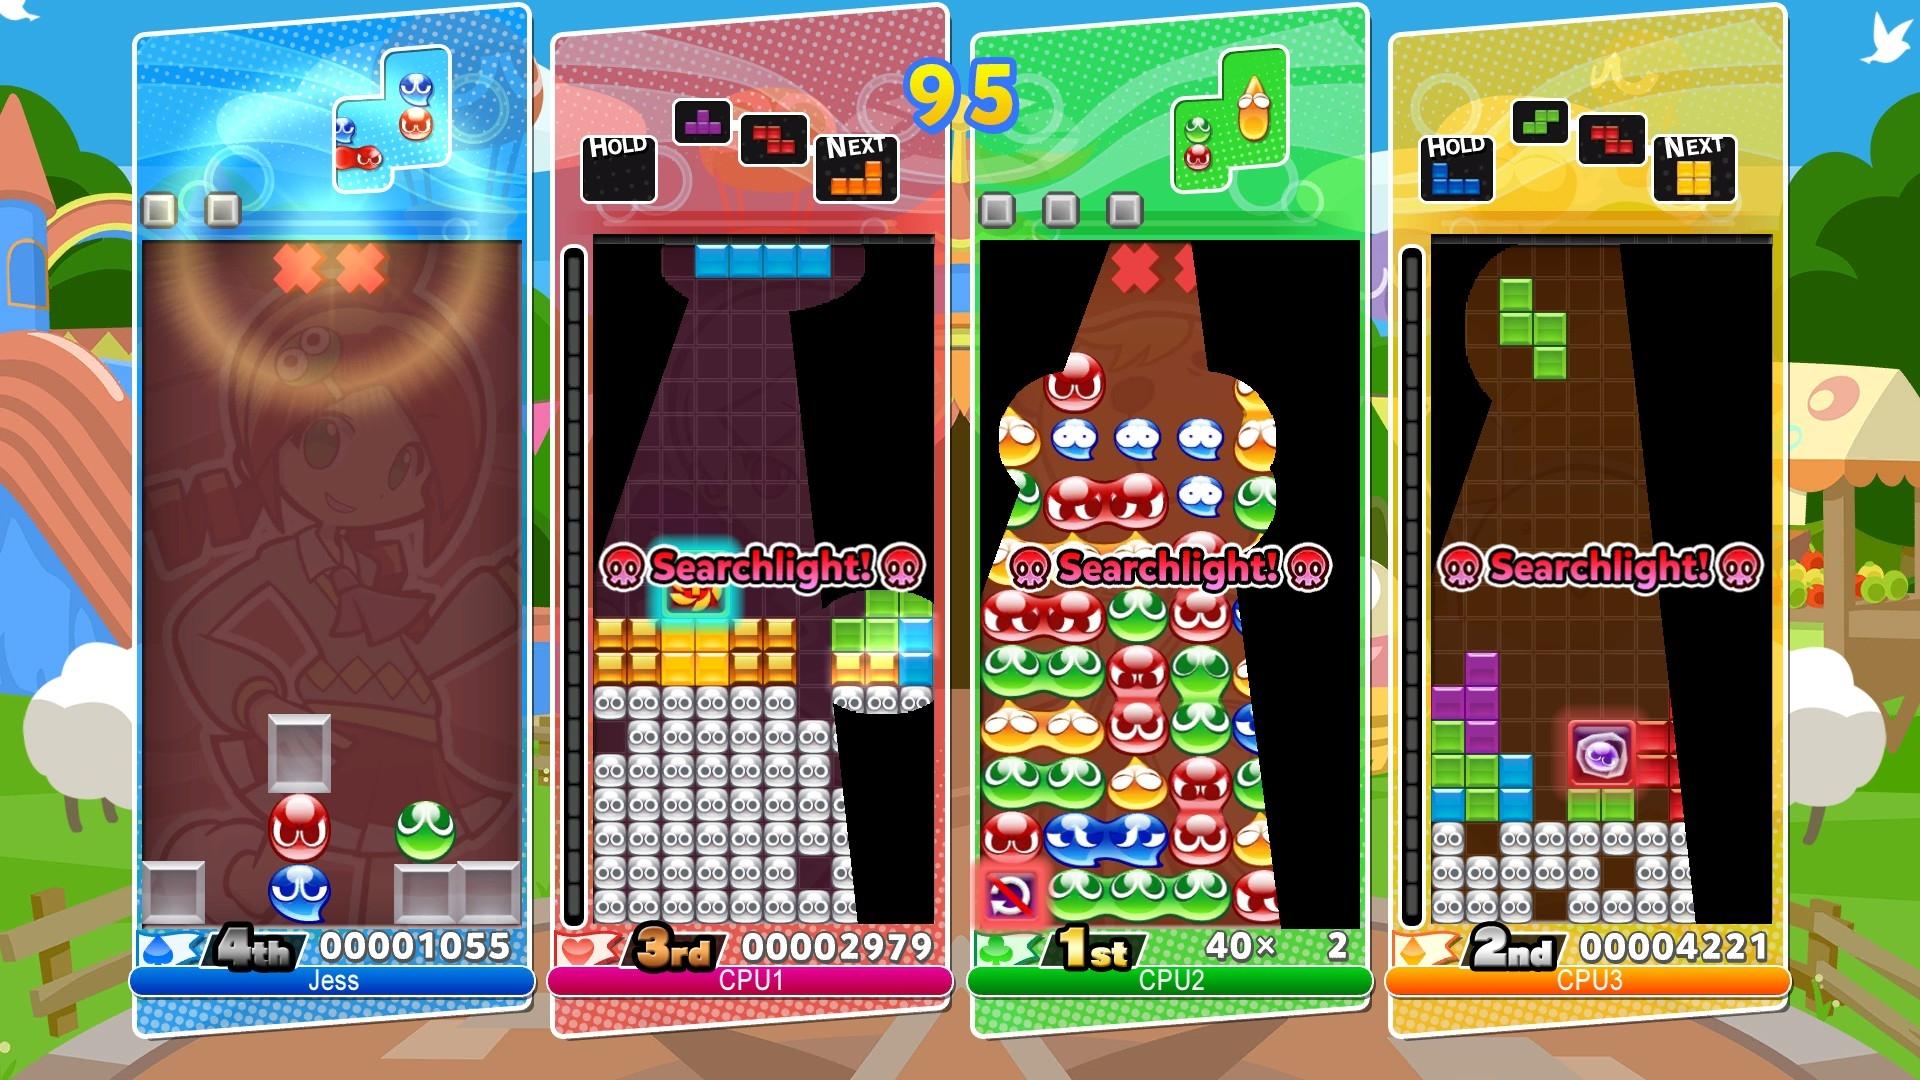 2000 shareware игровые автоматы играть бесплатно слотомания игровые автоматы играть онлайнi